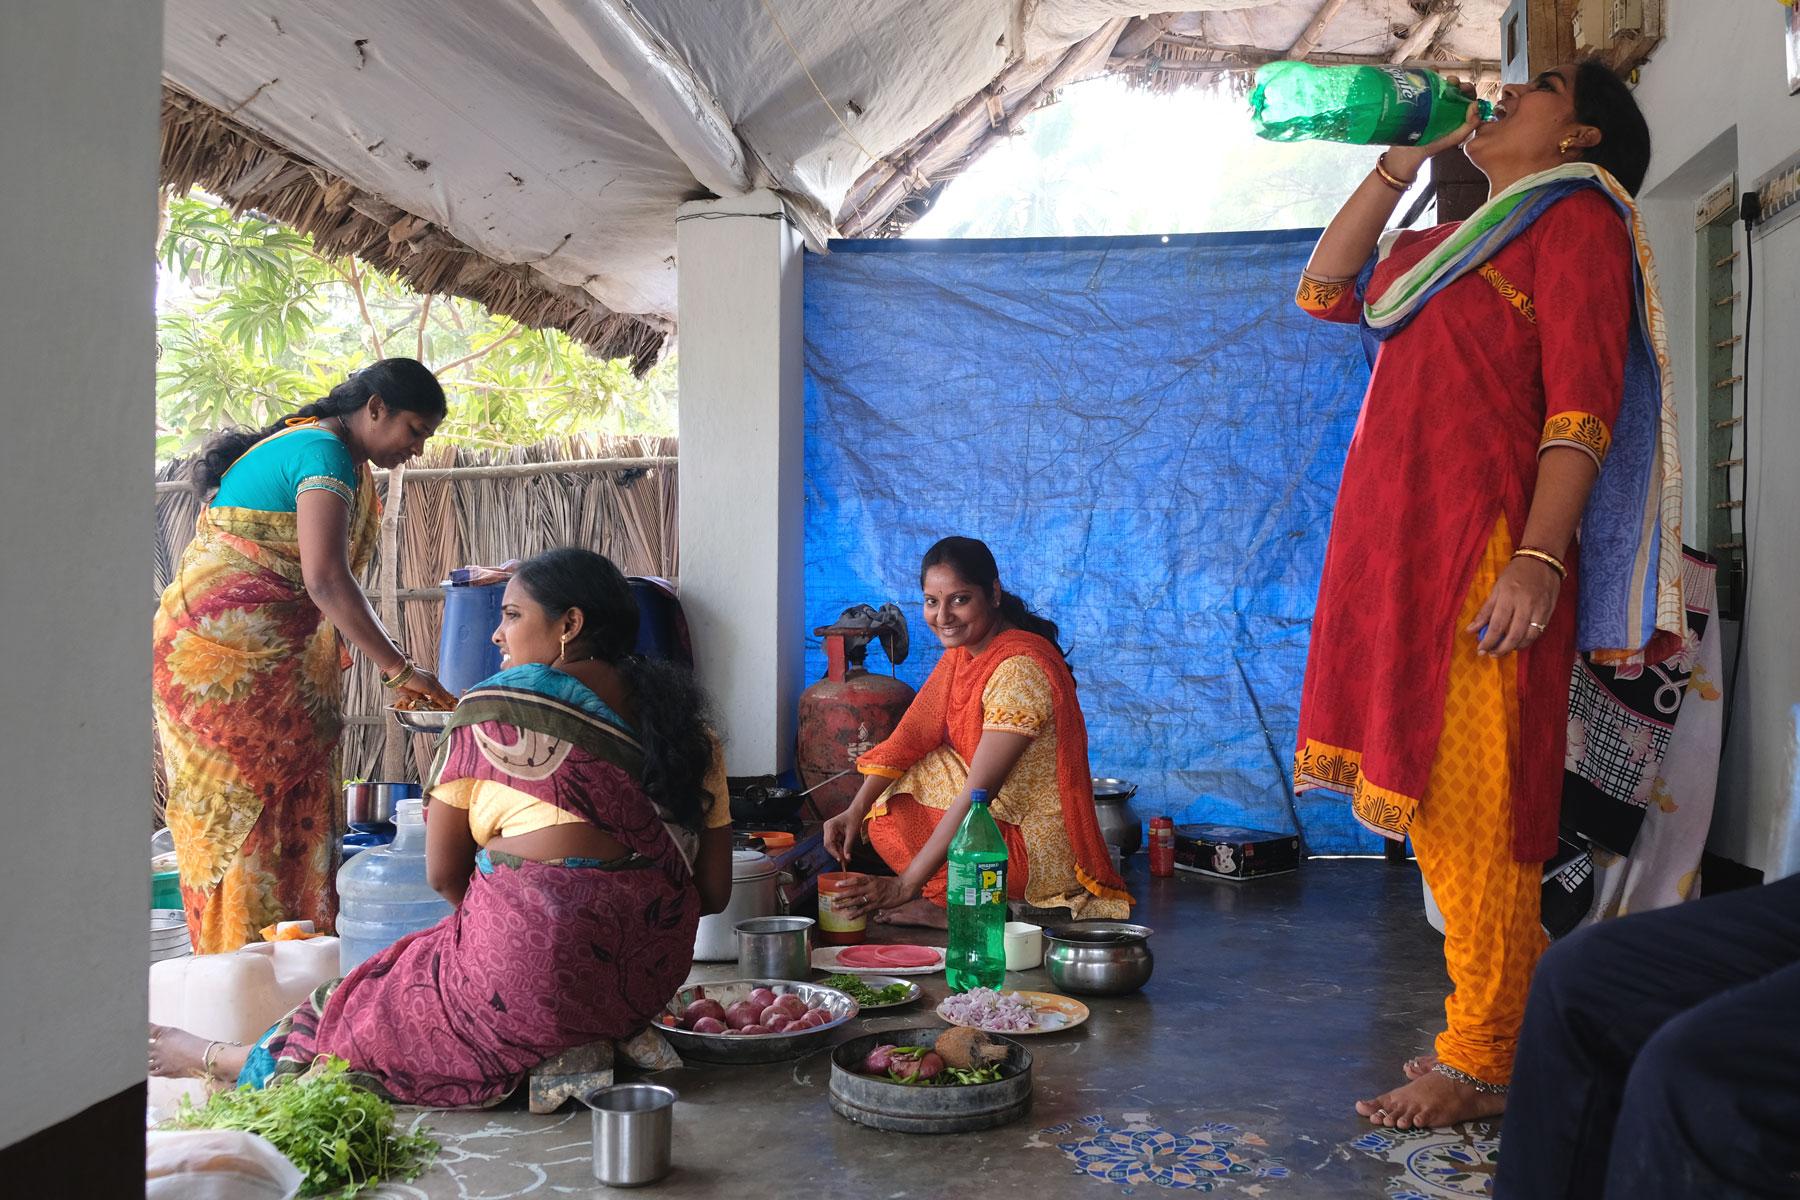 Indische Frauen kochen.